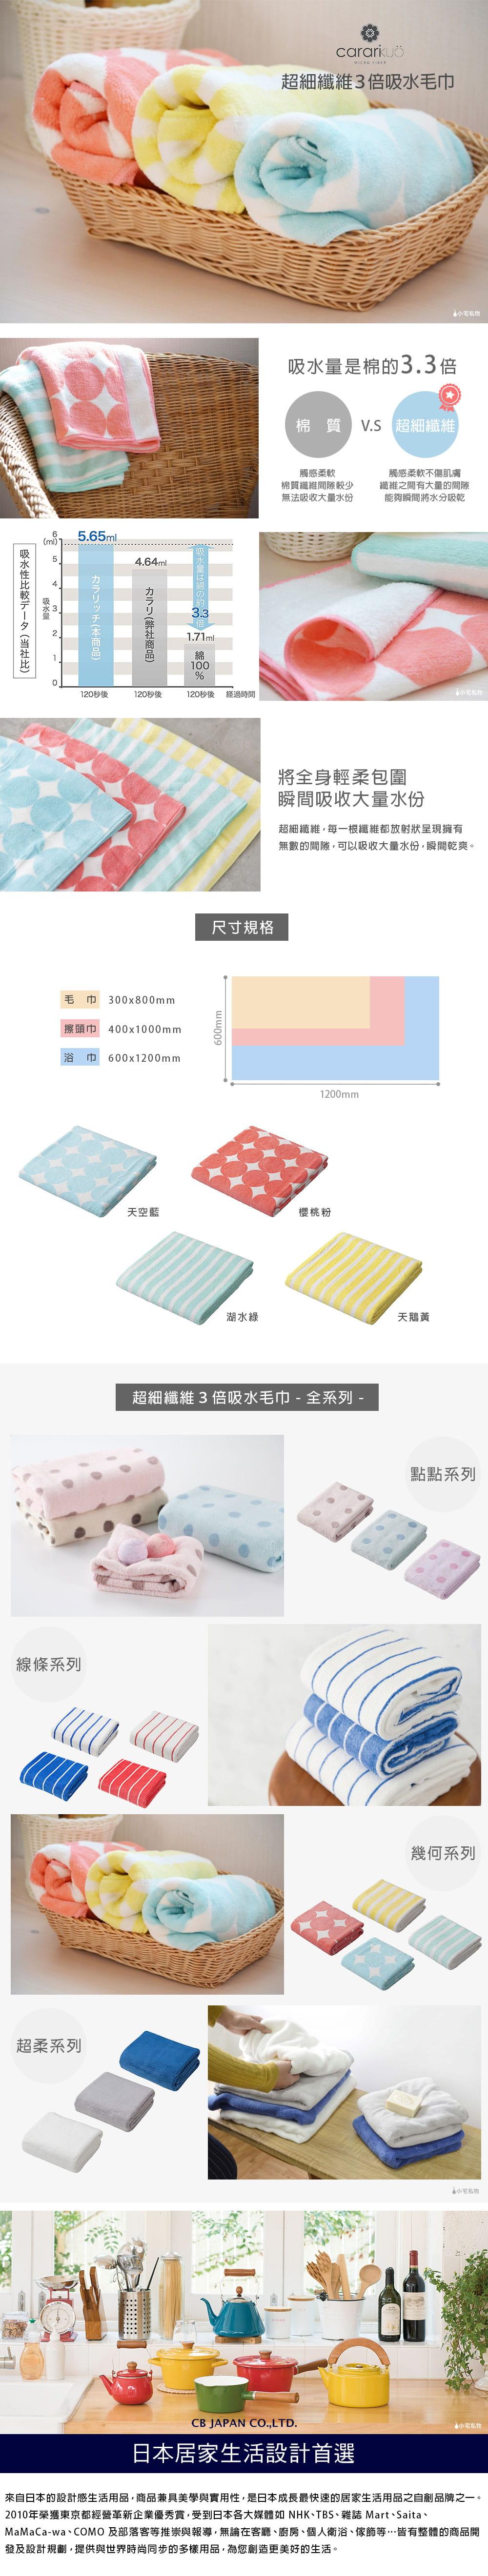 CB Japan 泡泡糖 幾何系列 超細纖維3倍吸水擦頭巾 - 天鵝黃